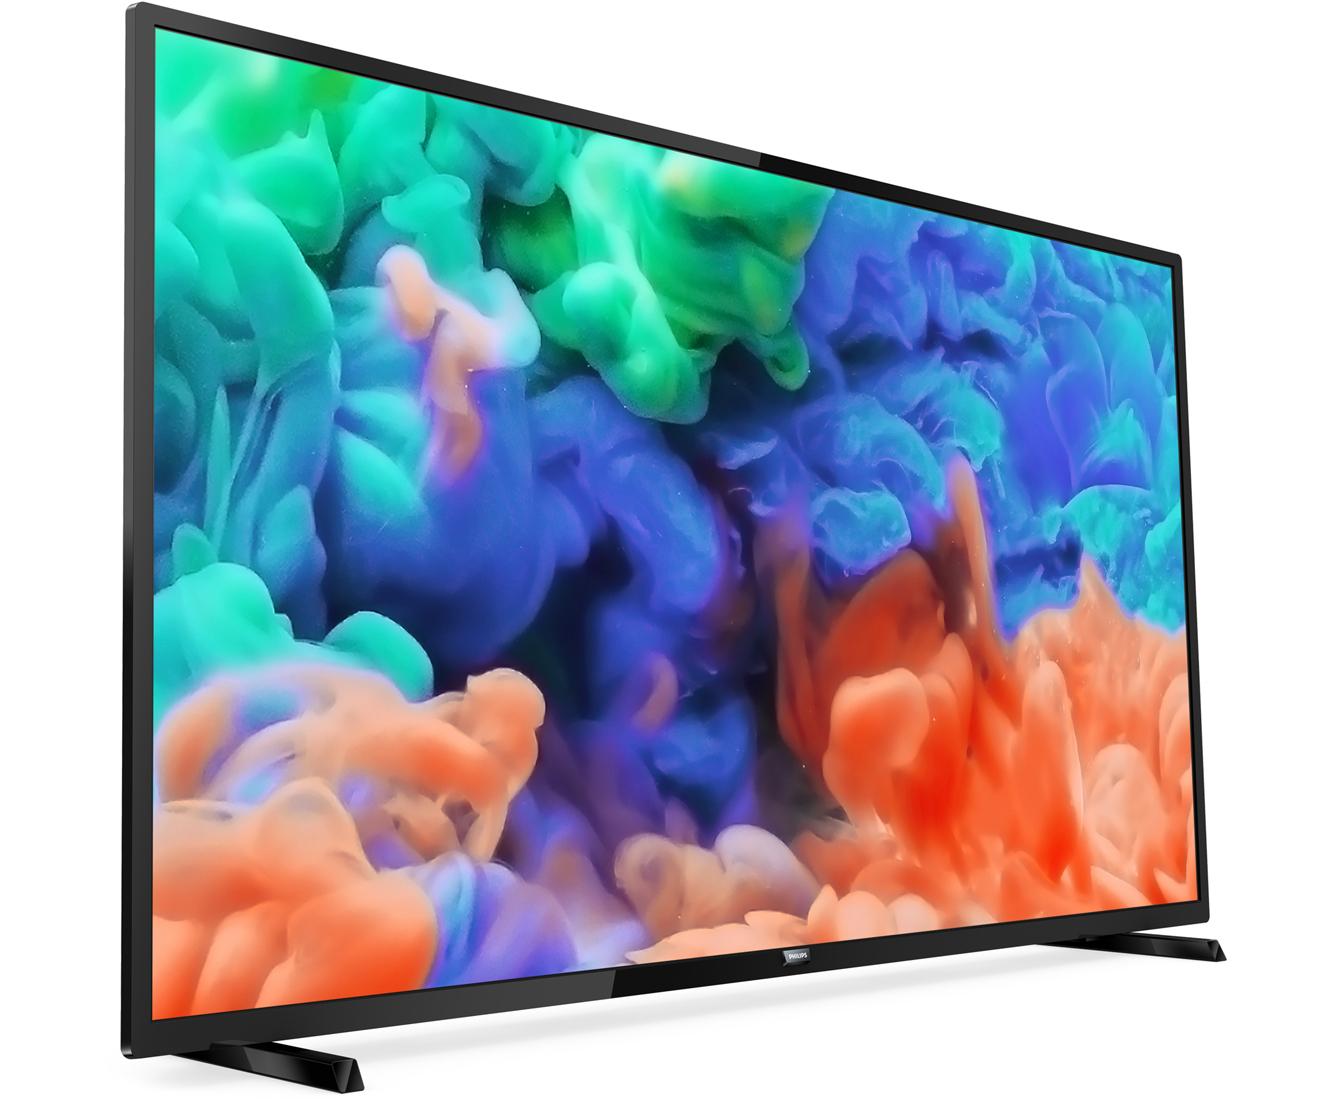 Philips 50PUS6203 4K Ultra HD TV - 50 inch voor €469 @ AO.nl